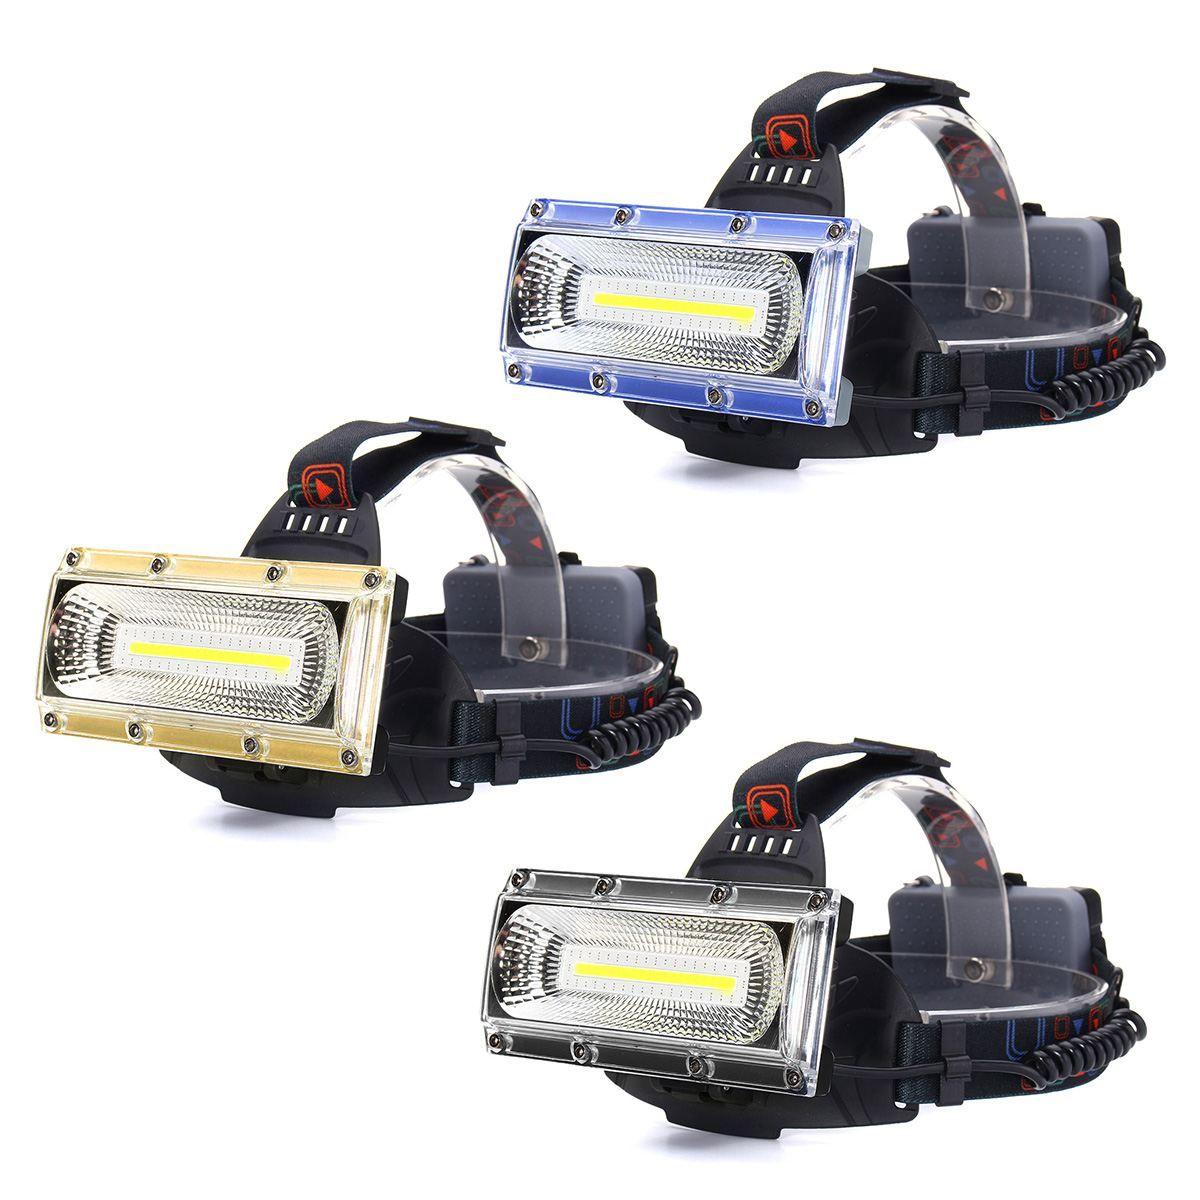 1300lm 30 Вт УДАРА светодиодный налобный фонарь три Освещение режима регулируемый База для MTB велосипед Велоспорт 18650 светодиодный свет с повяз...